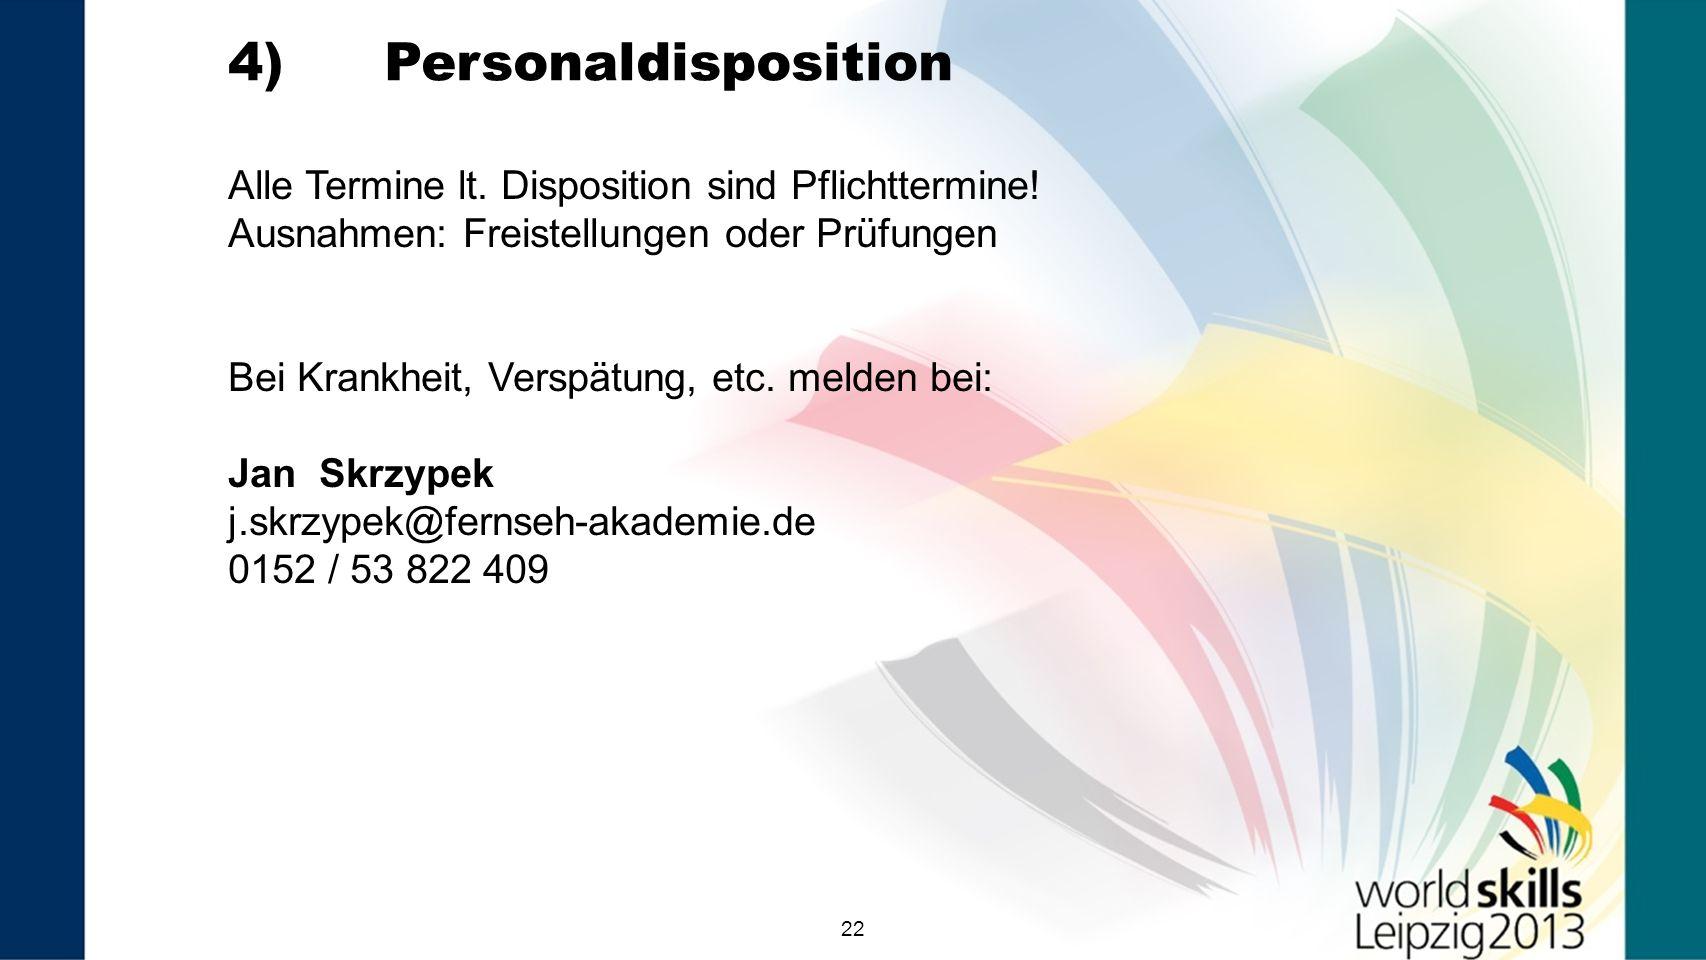 22 4) Personaldisposition Alle Termine lt. Disposition sind Pflichttermine! Ausnahmen: Freistellungen oder Prüfungen Bei Krankheit, Verspätung, etc. m